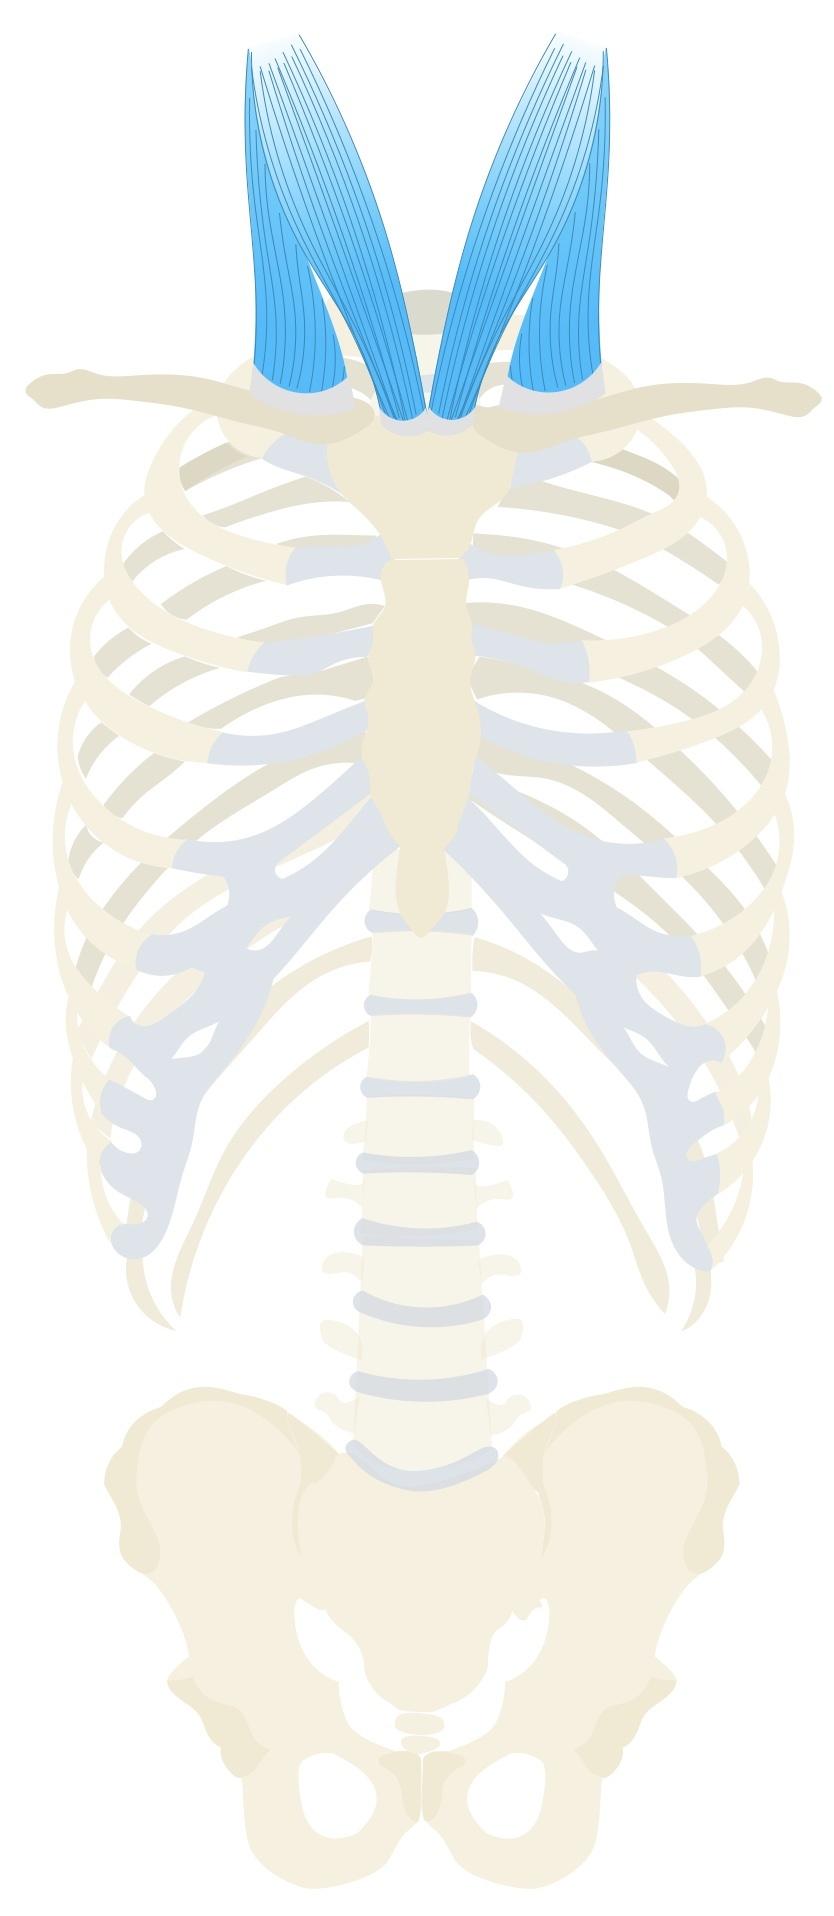 Sternocleidomastoid muscle anatomy